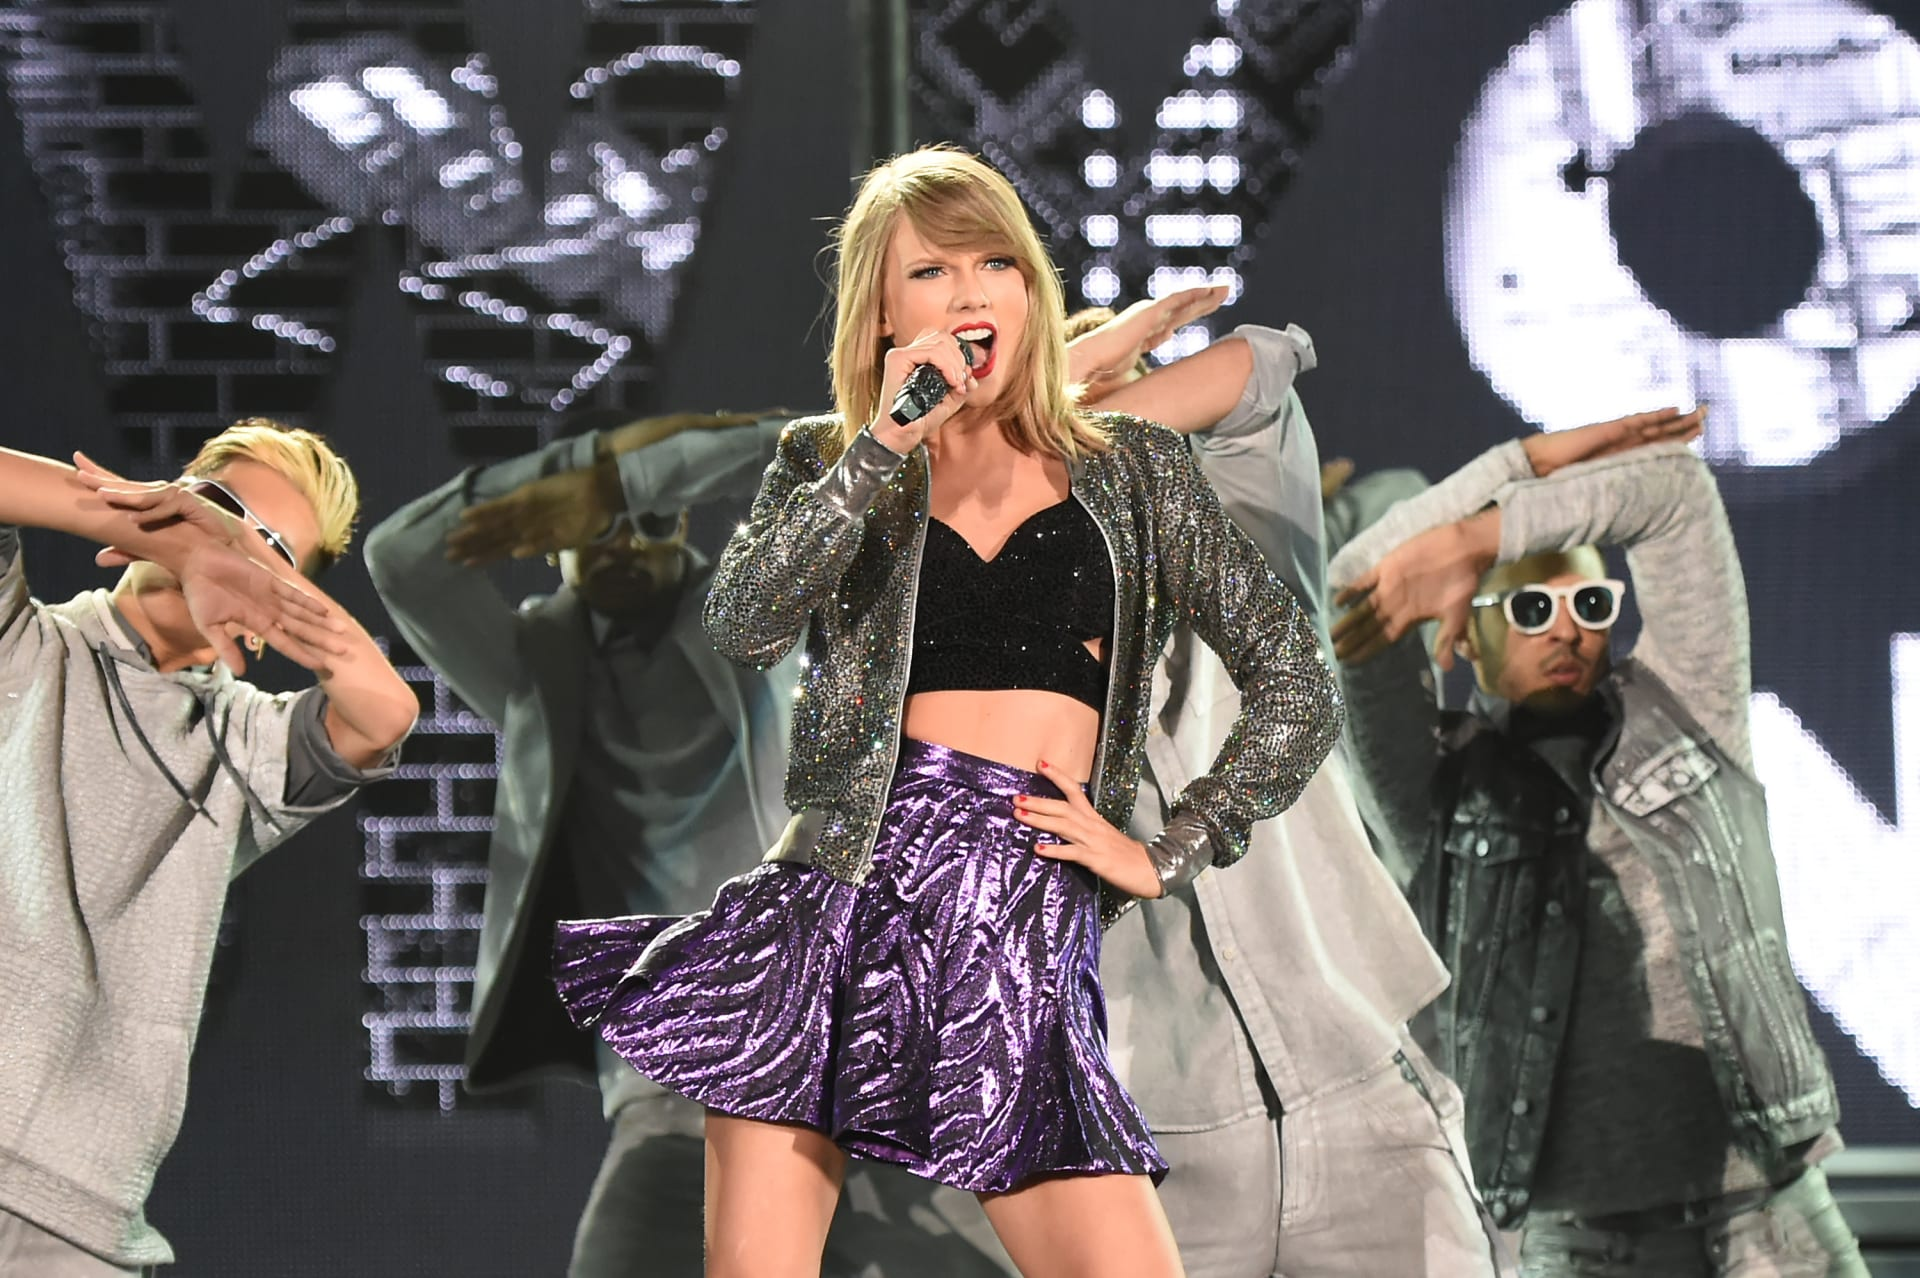 شركة آبل تتراجع عن سياساتها بعد تهديد تايلور سويفت بسحب ألبومها